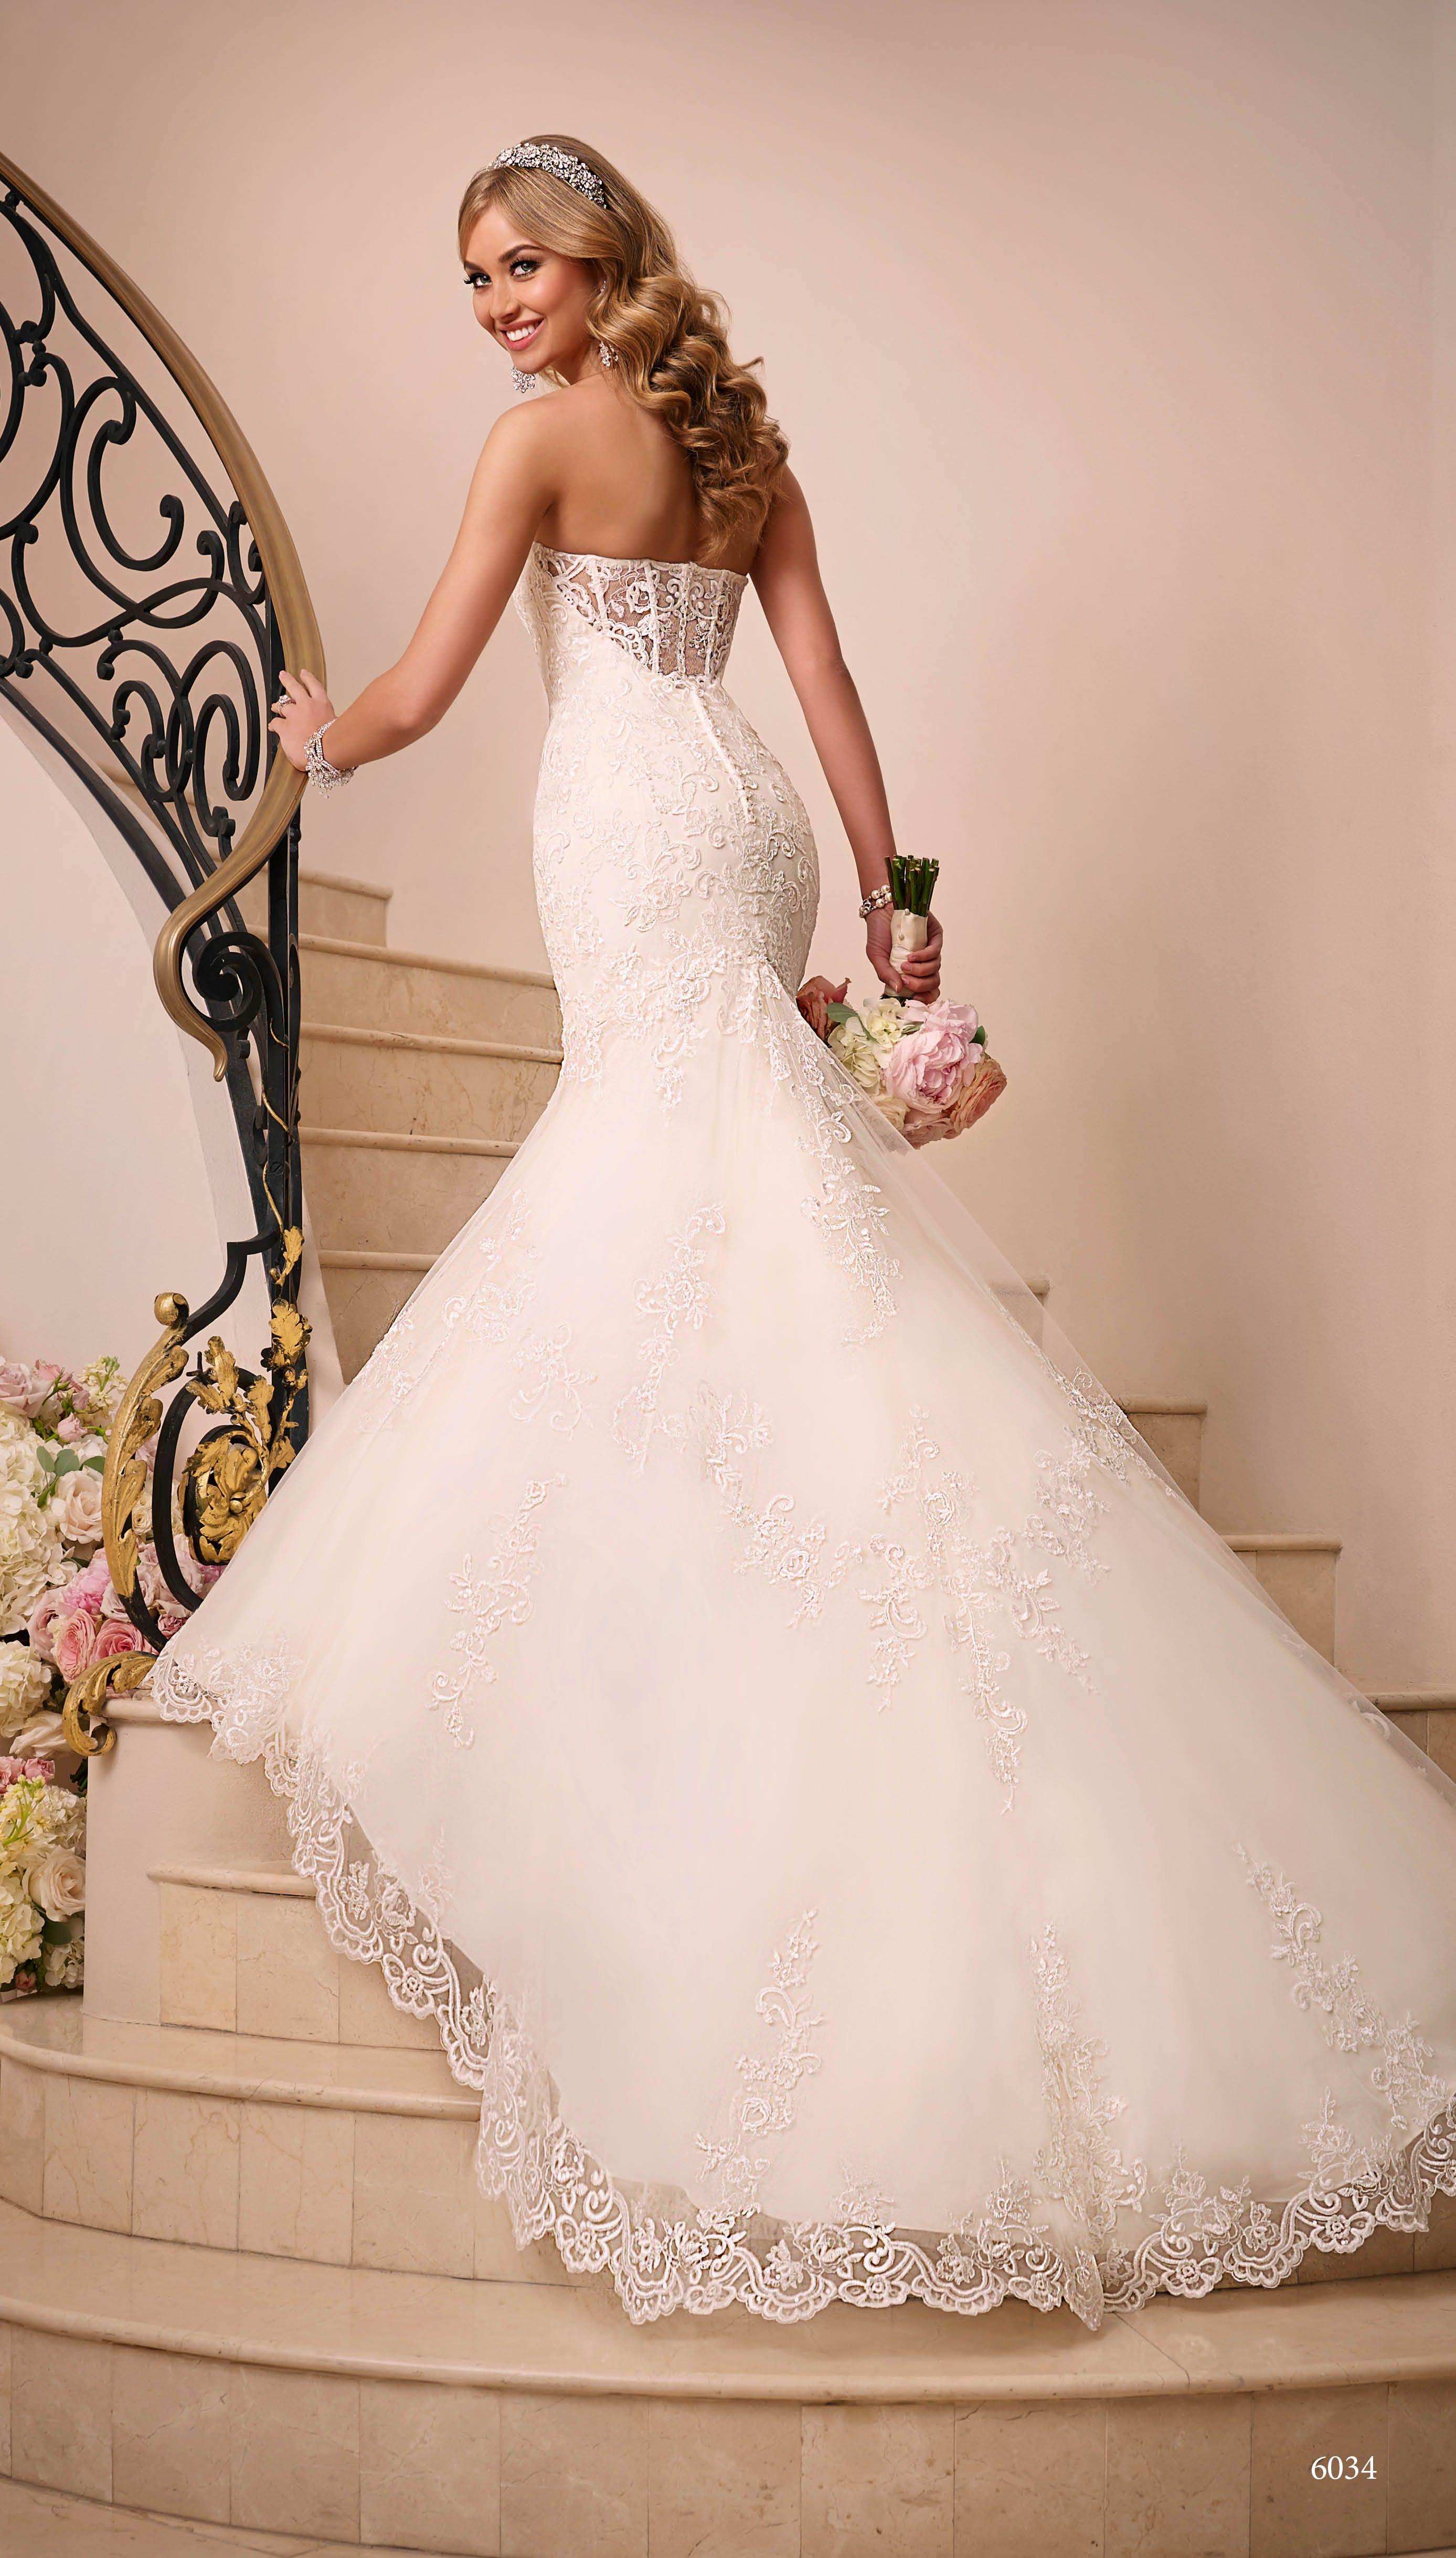 6034 Stella York | my world | Pinterest | Hochzeitskleider ...